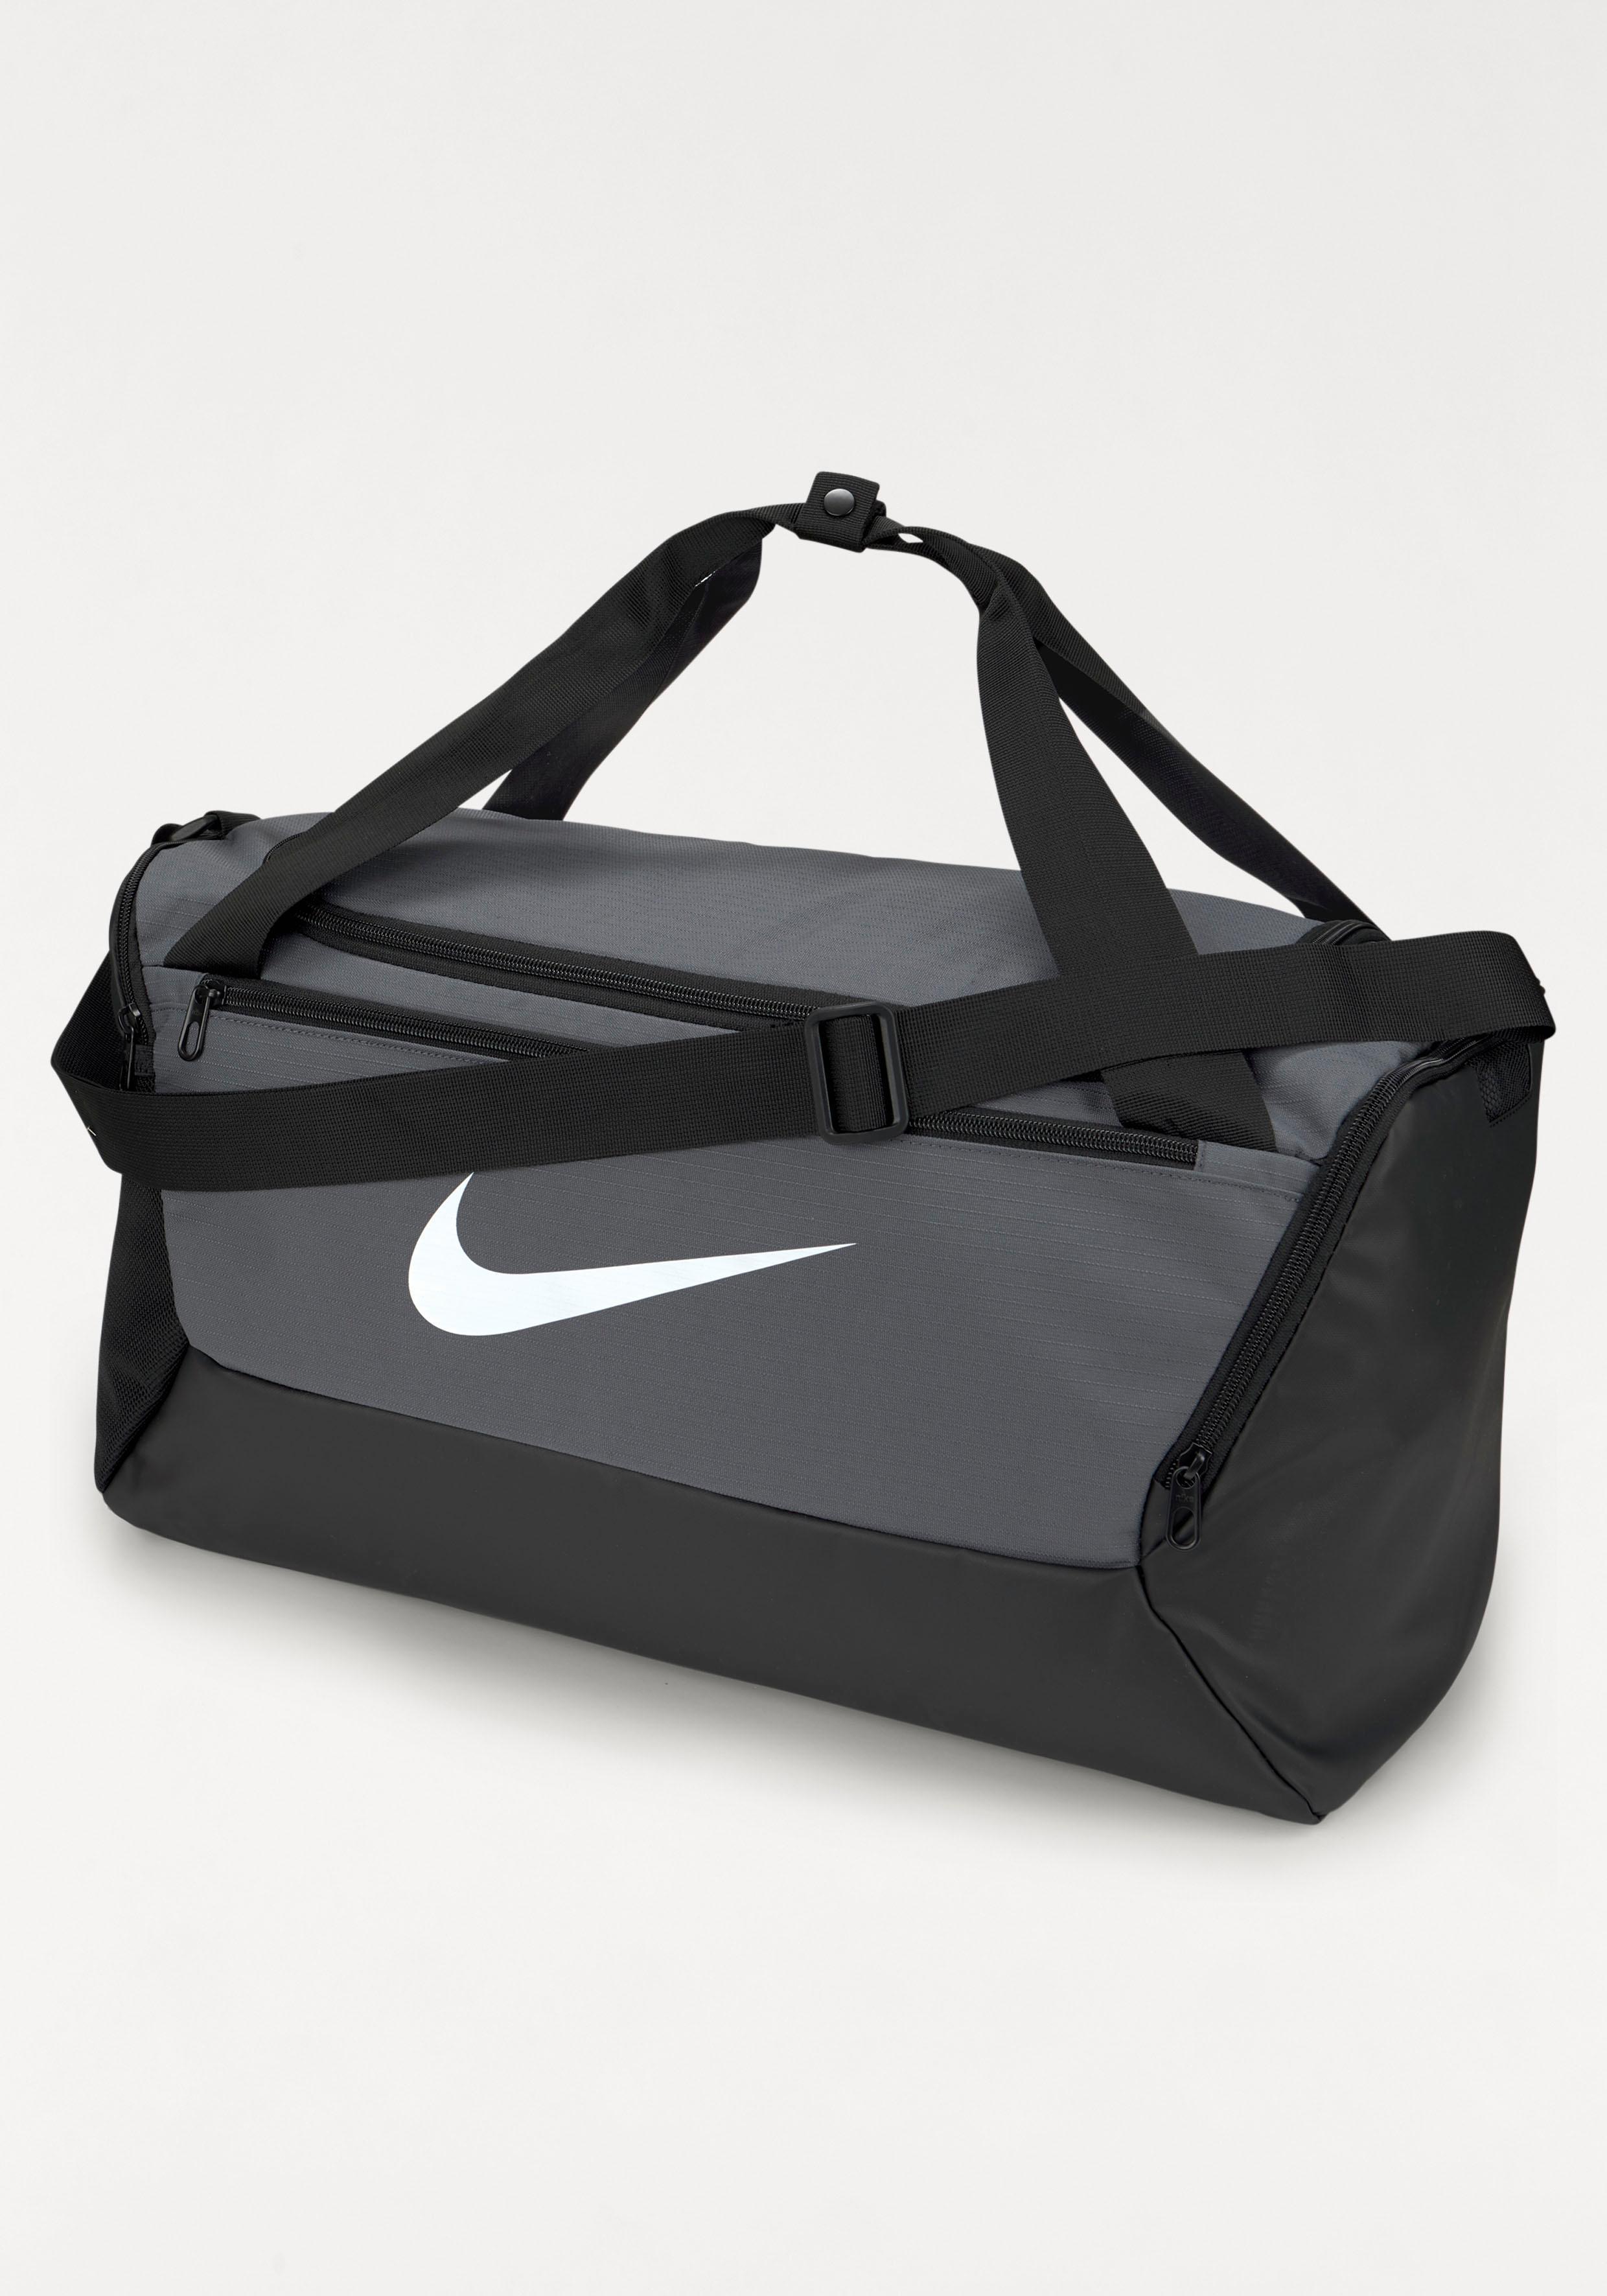 Nike Sporttasche NIKE BRSLA S DUFF -9.0 grau Taschen Unisex